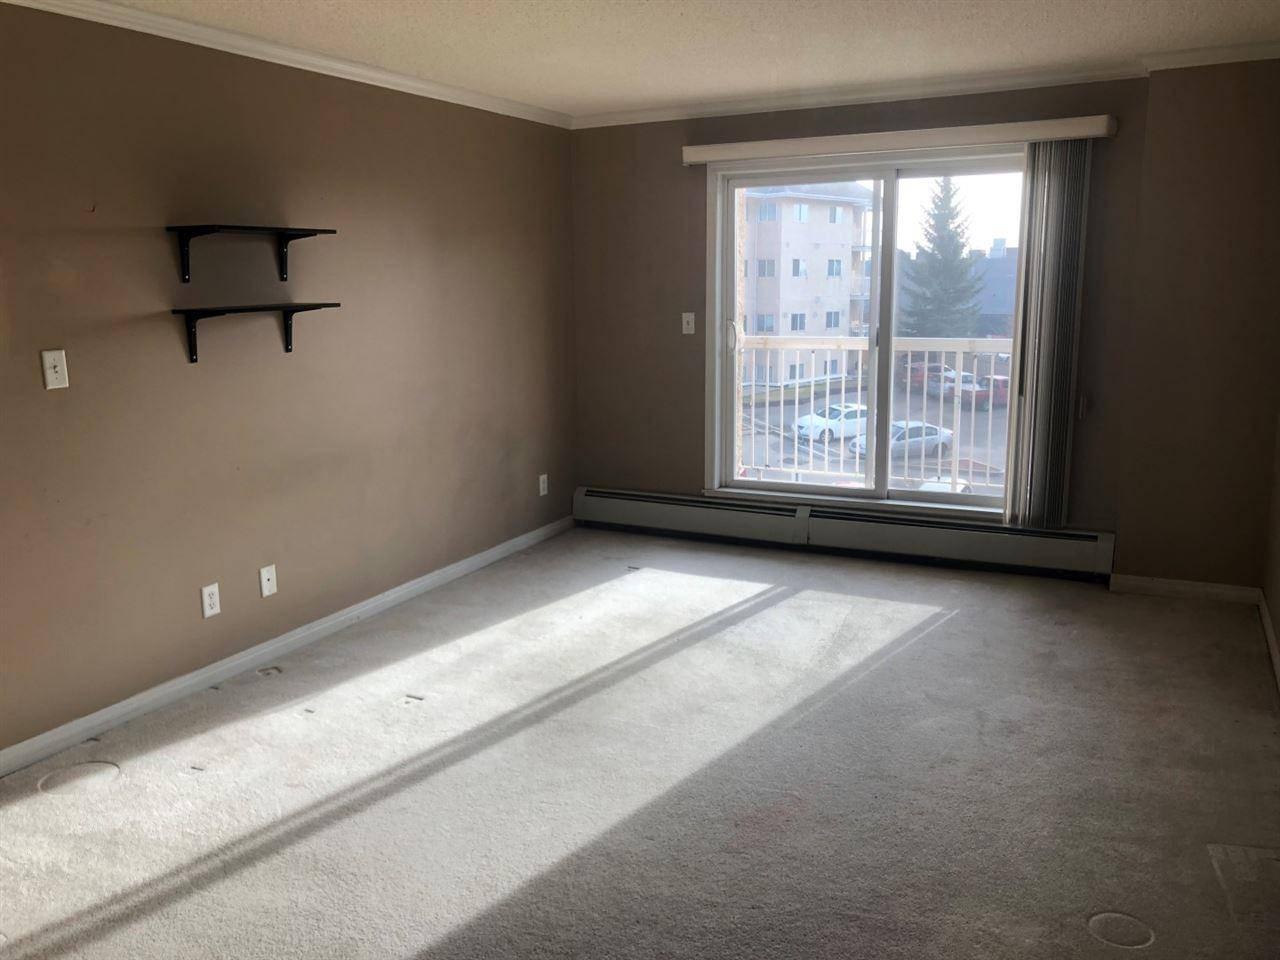 Condo for sale at 4210 139 Ave Nw Unit 330 Edmonton Alberta - MLS: E4178775